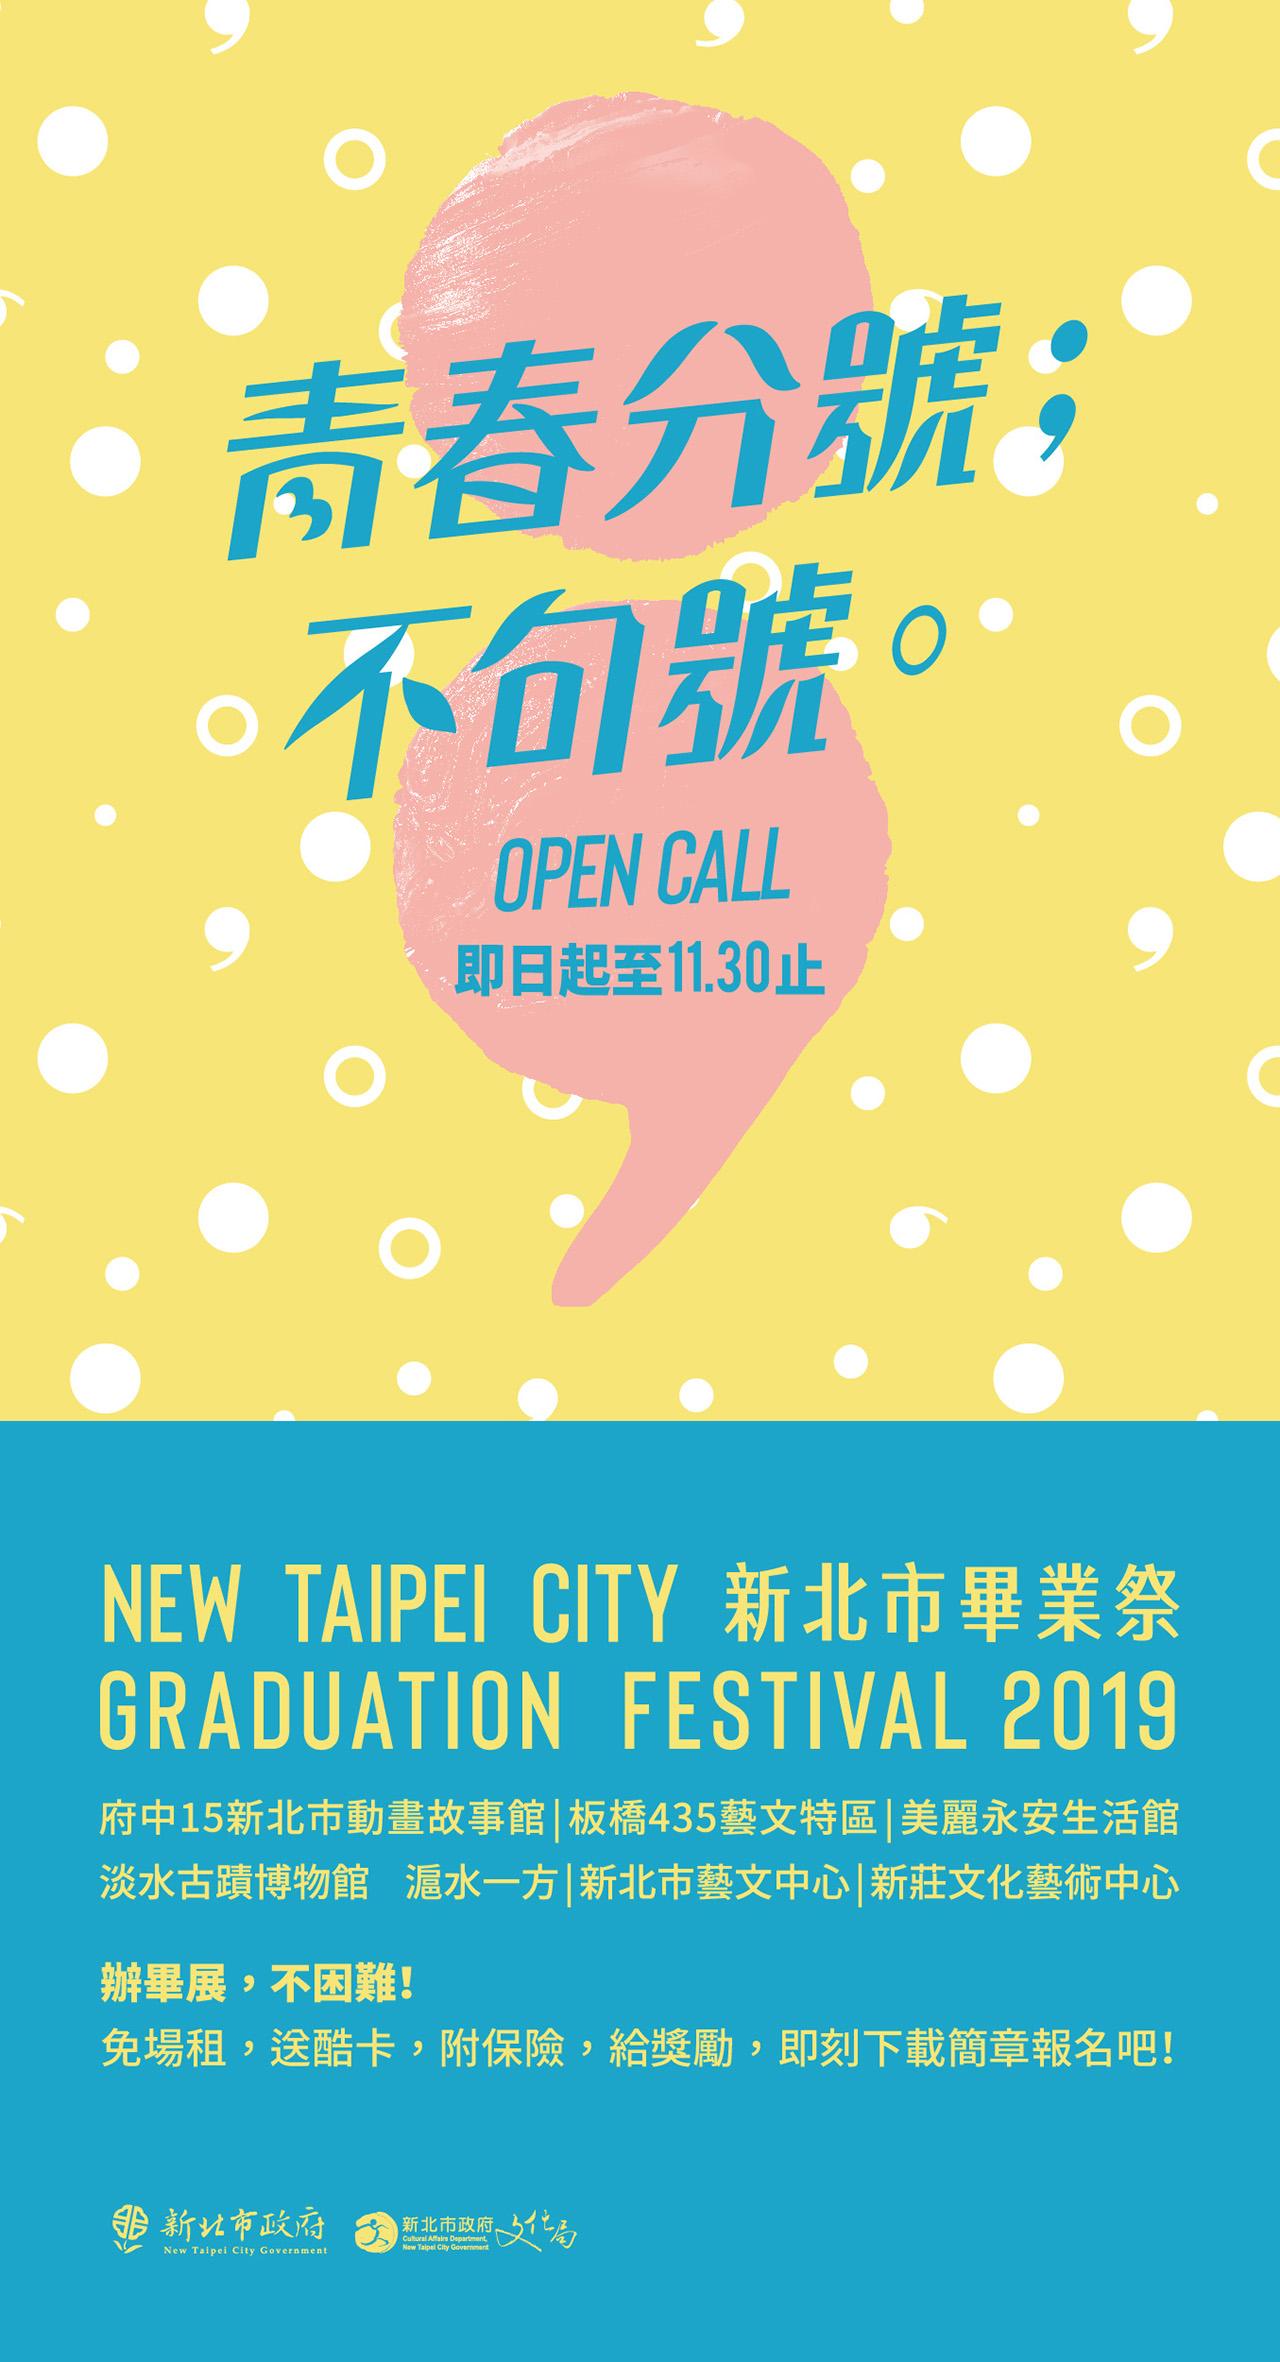 2019新北市畢業祭「青春分號;不句號」徵件 EDM